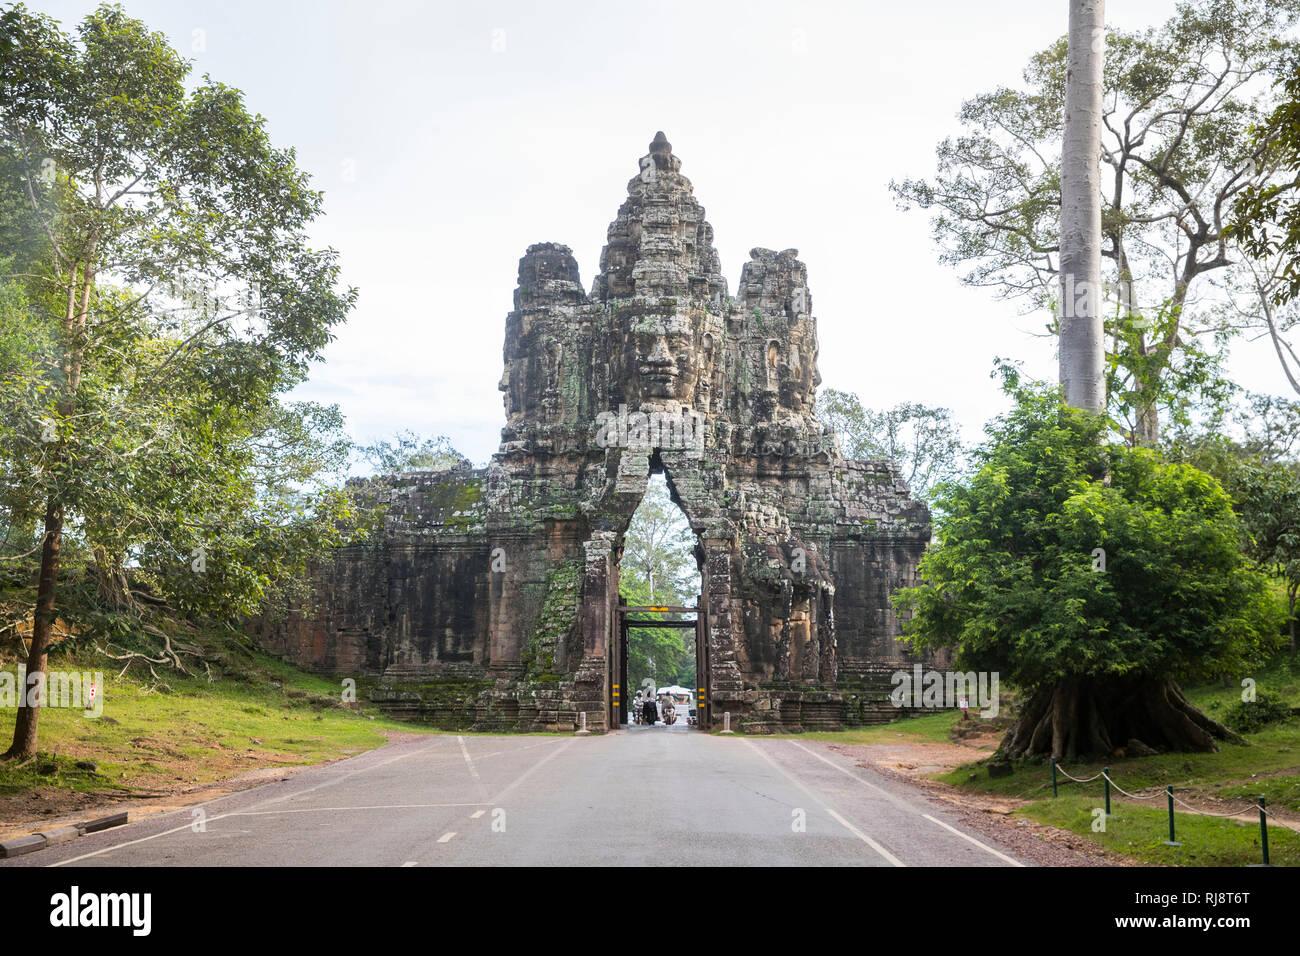 Siem Reap, Angkor, ein Tor von Angkor Thom, ehemalige Stadt die damals die Größe von Manhattan hatte, heute eine touristische Sehenswürdigkeit und nac - Stock Image